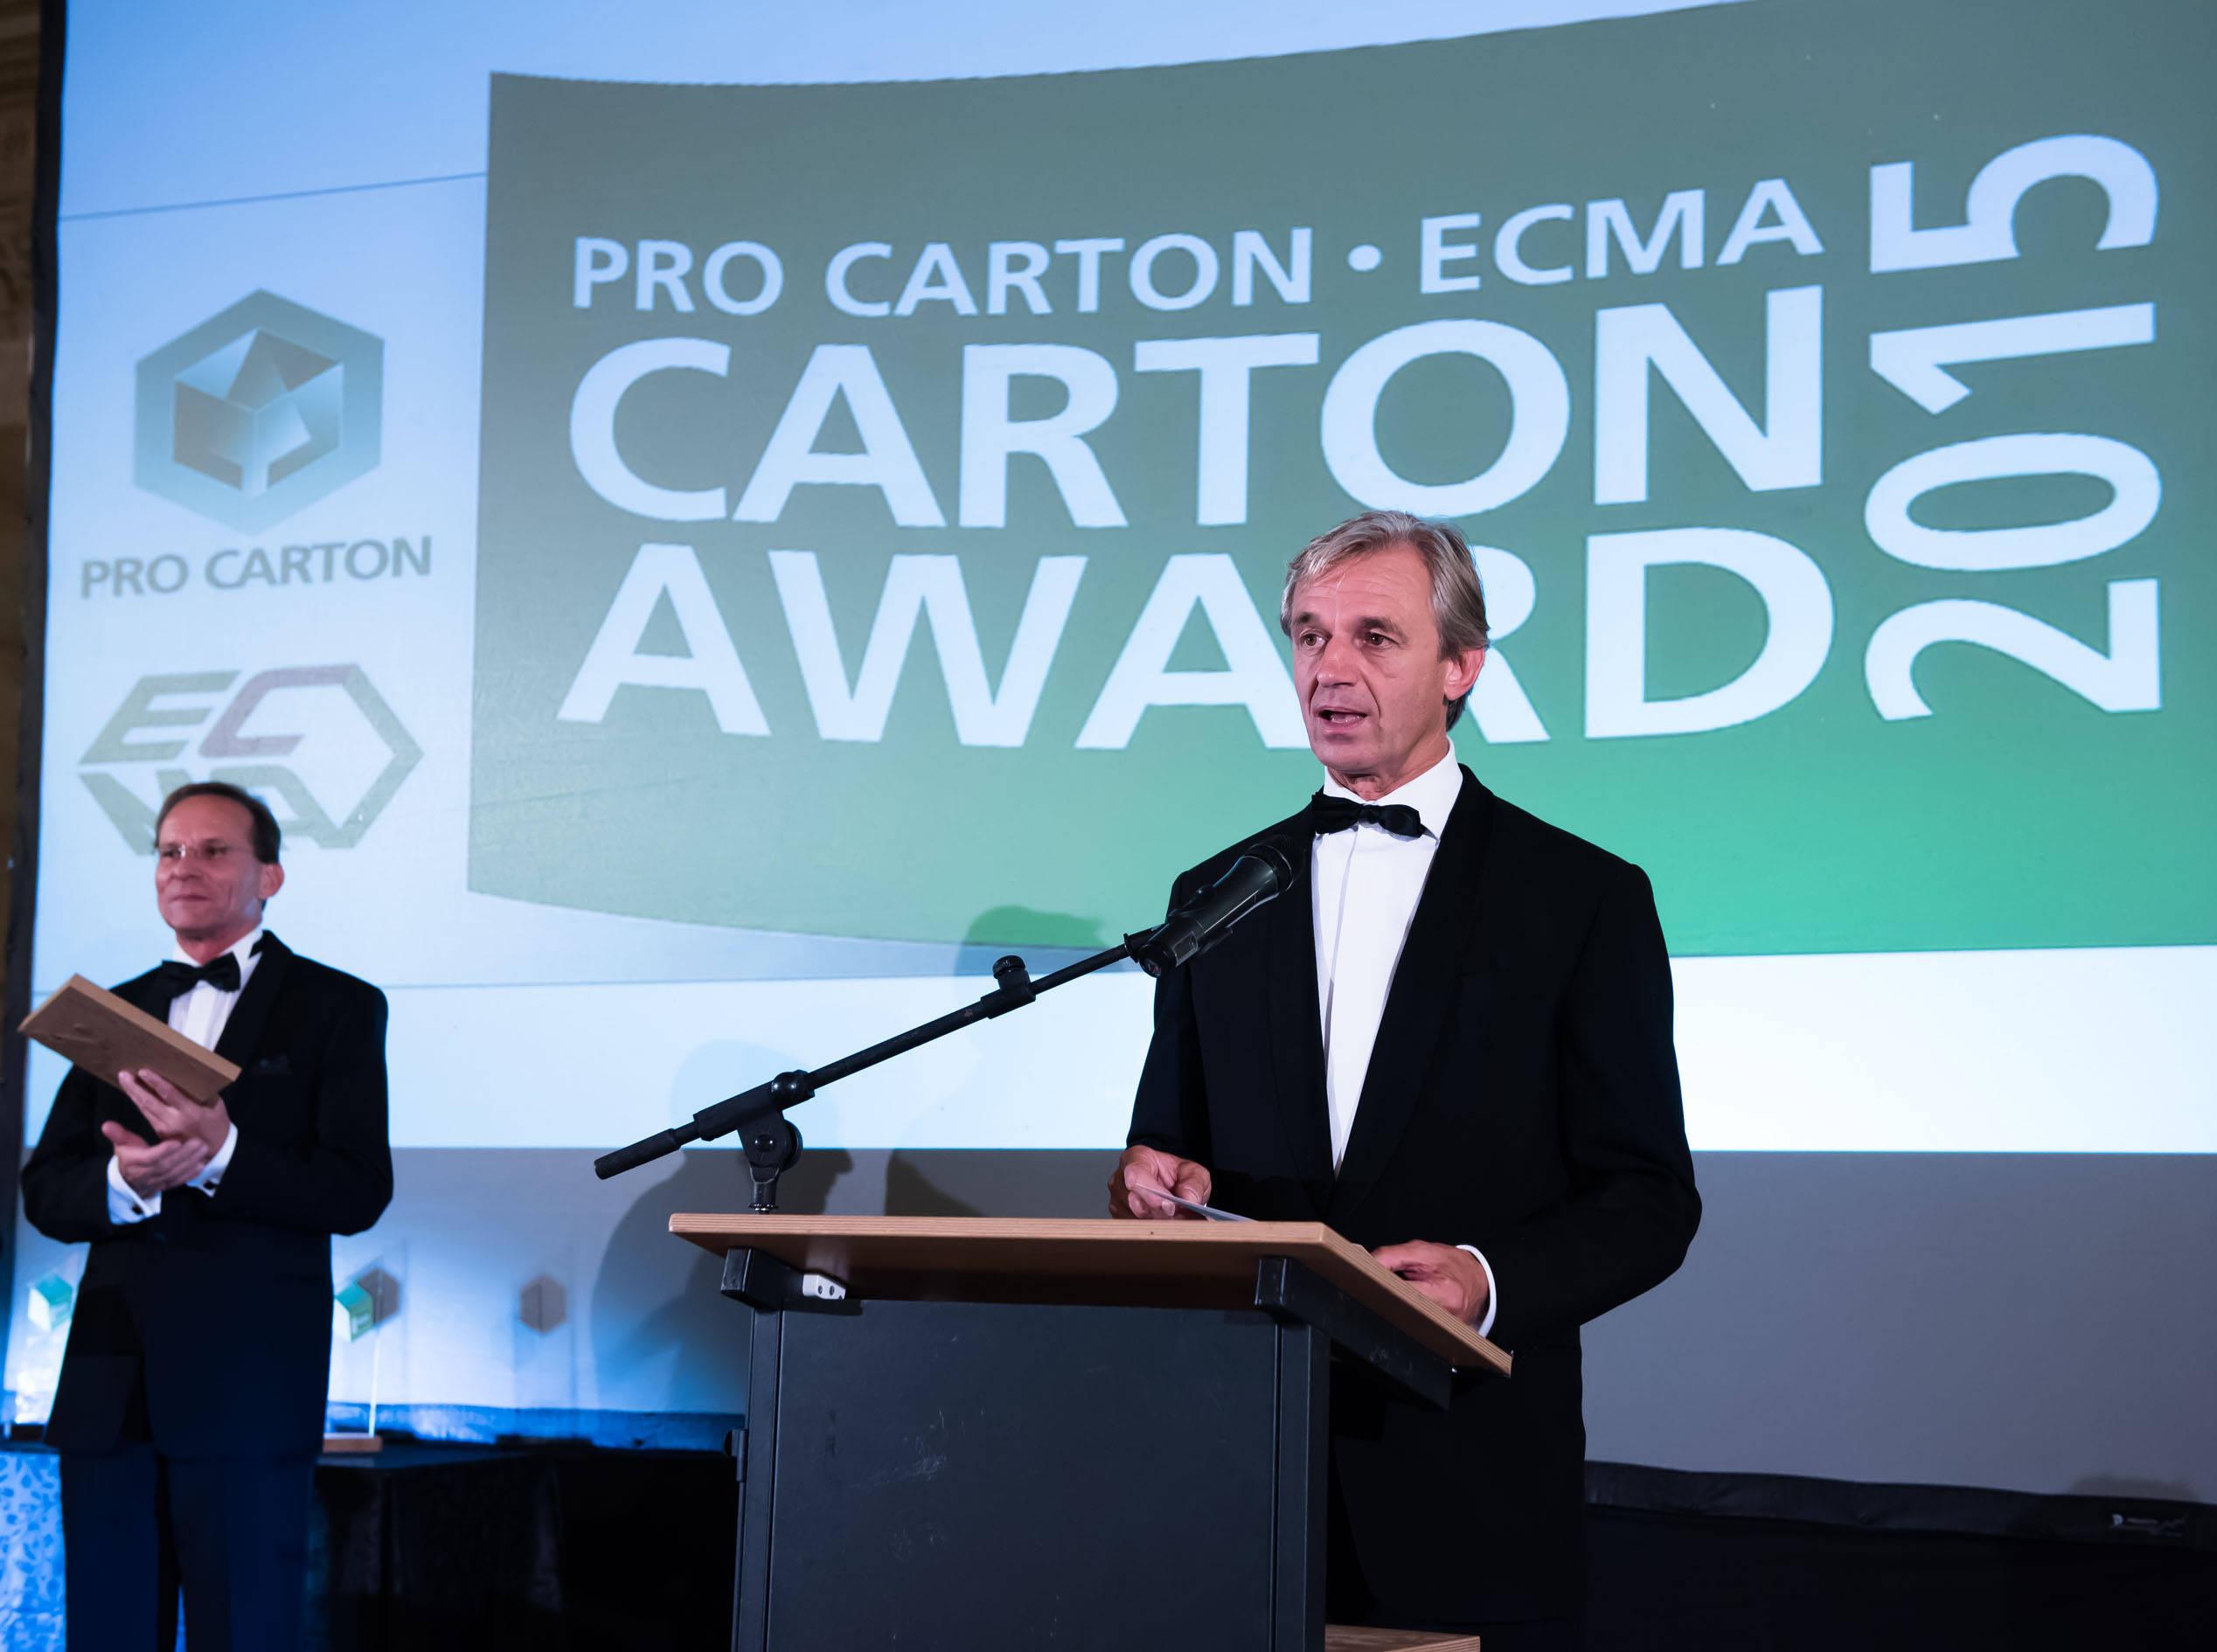 Pro Carton ECMA Award Gala 2015 76